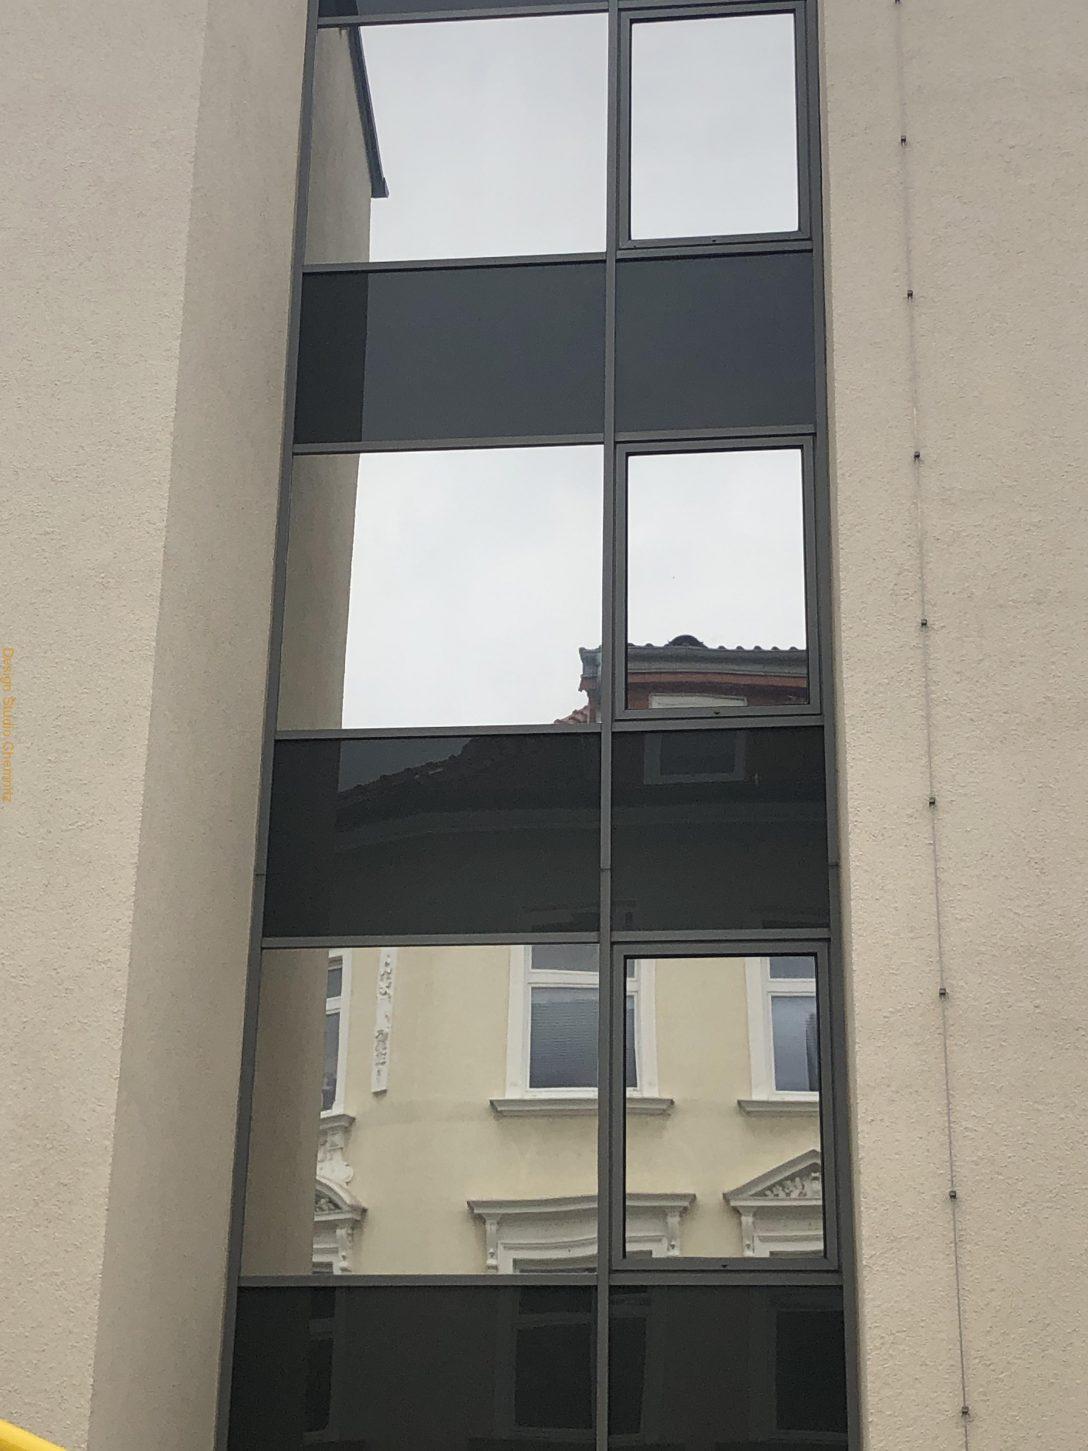 Large Size of Einbruchschutz Fenster Folie Sonnenschutz Profi Chemnitz Weru Folien Für Marken Verdunkelung Kbe Köln Zwangsbelüftung Nachrüsten Standardmaße Schräge Fenster Einbruchschutz Fenster Folie